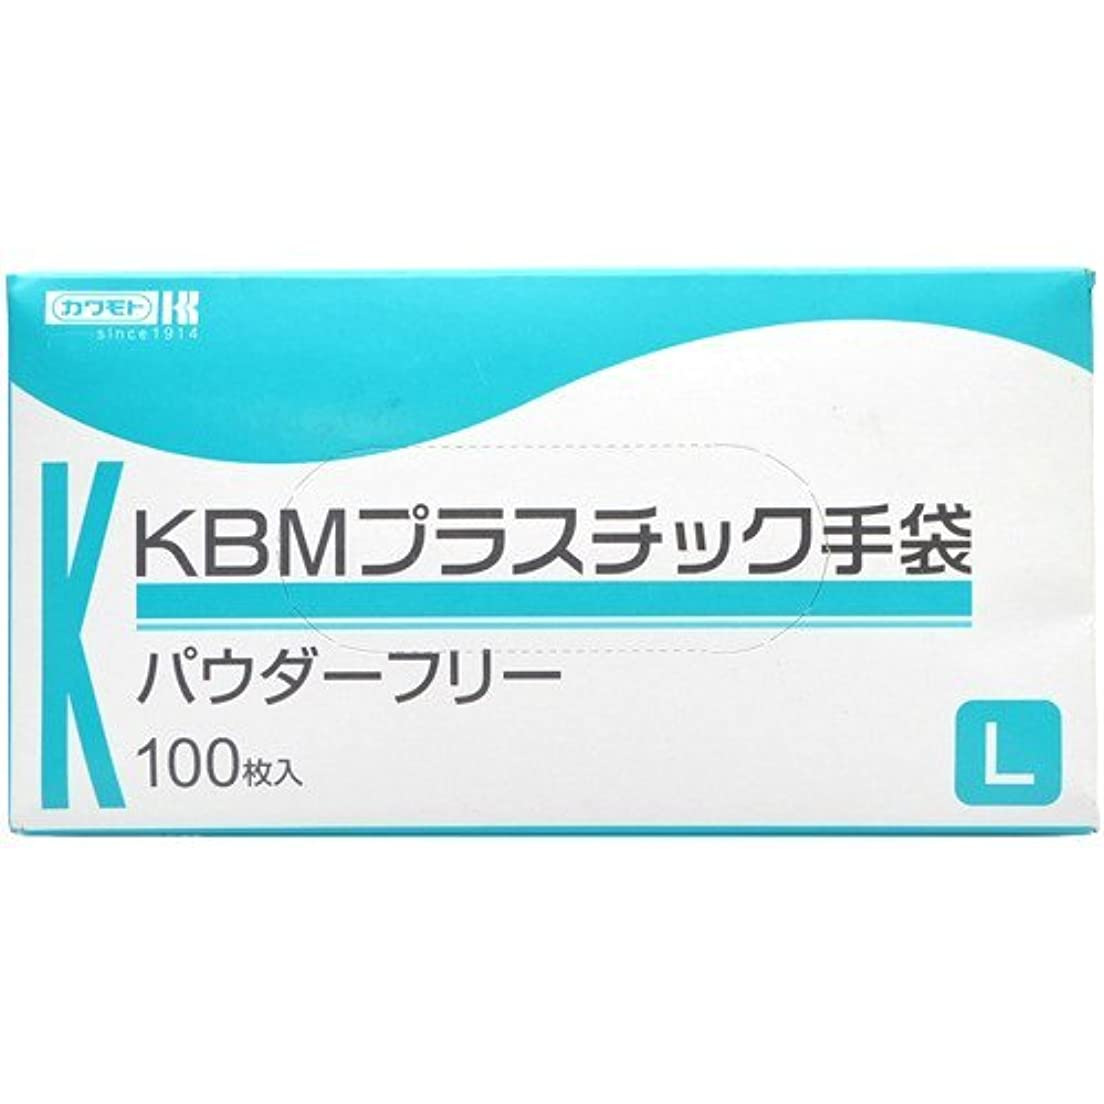 優遇最も早いから川本産業 KBMプラスチック手袋 パウダーフリー L 100枚入